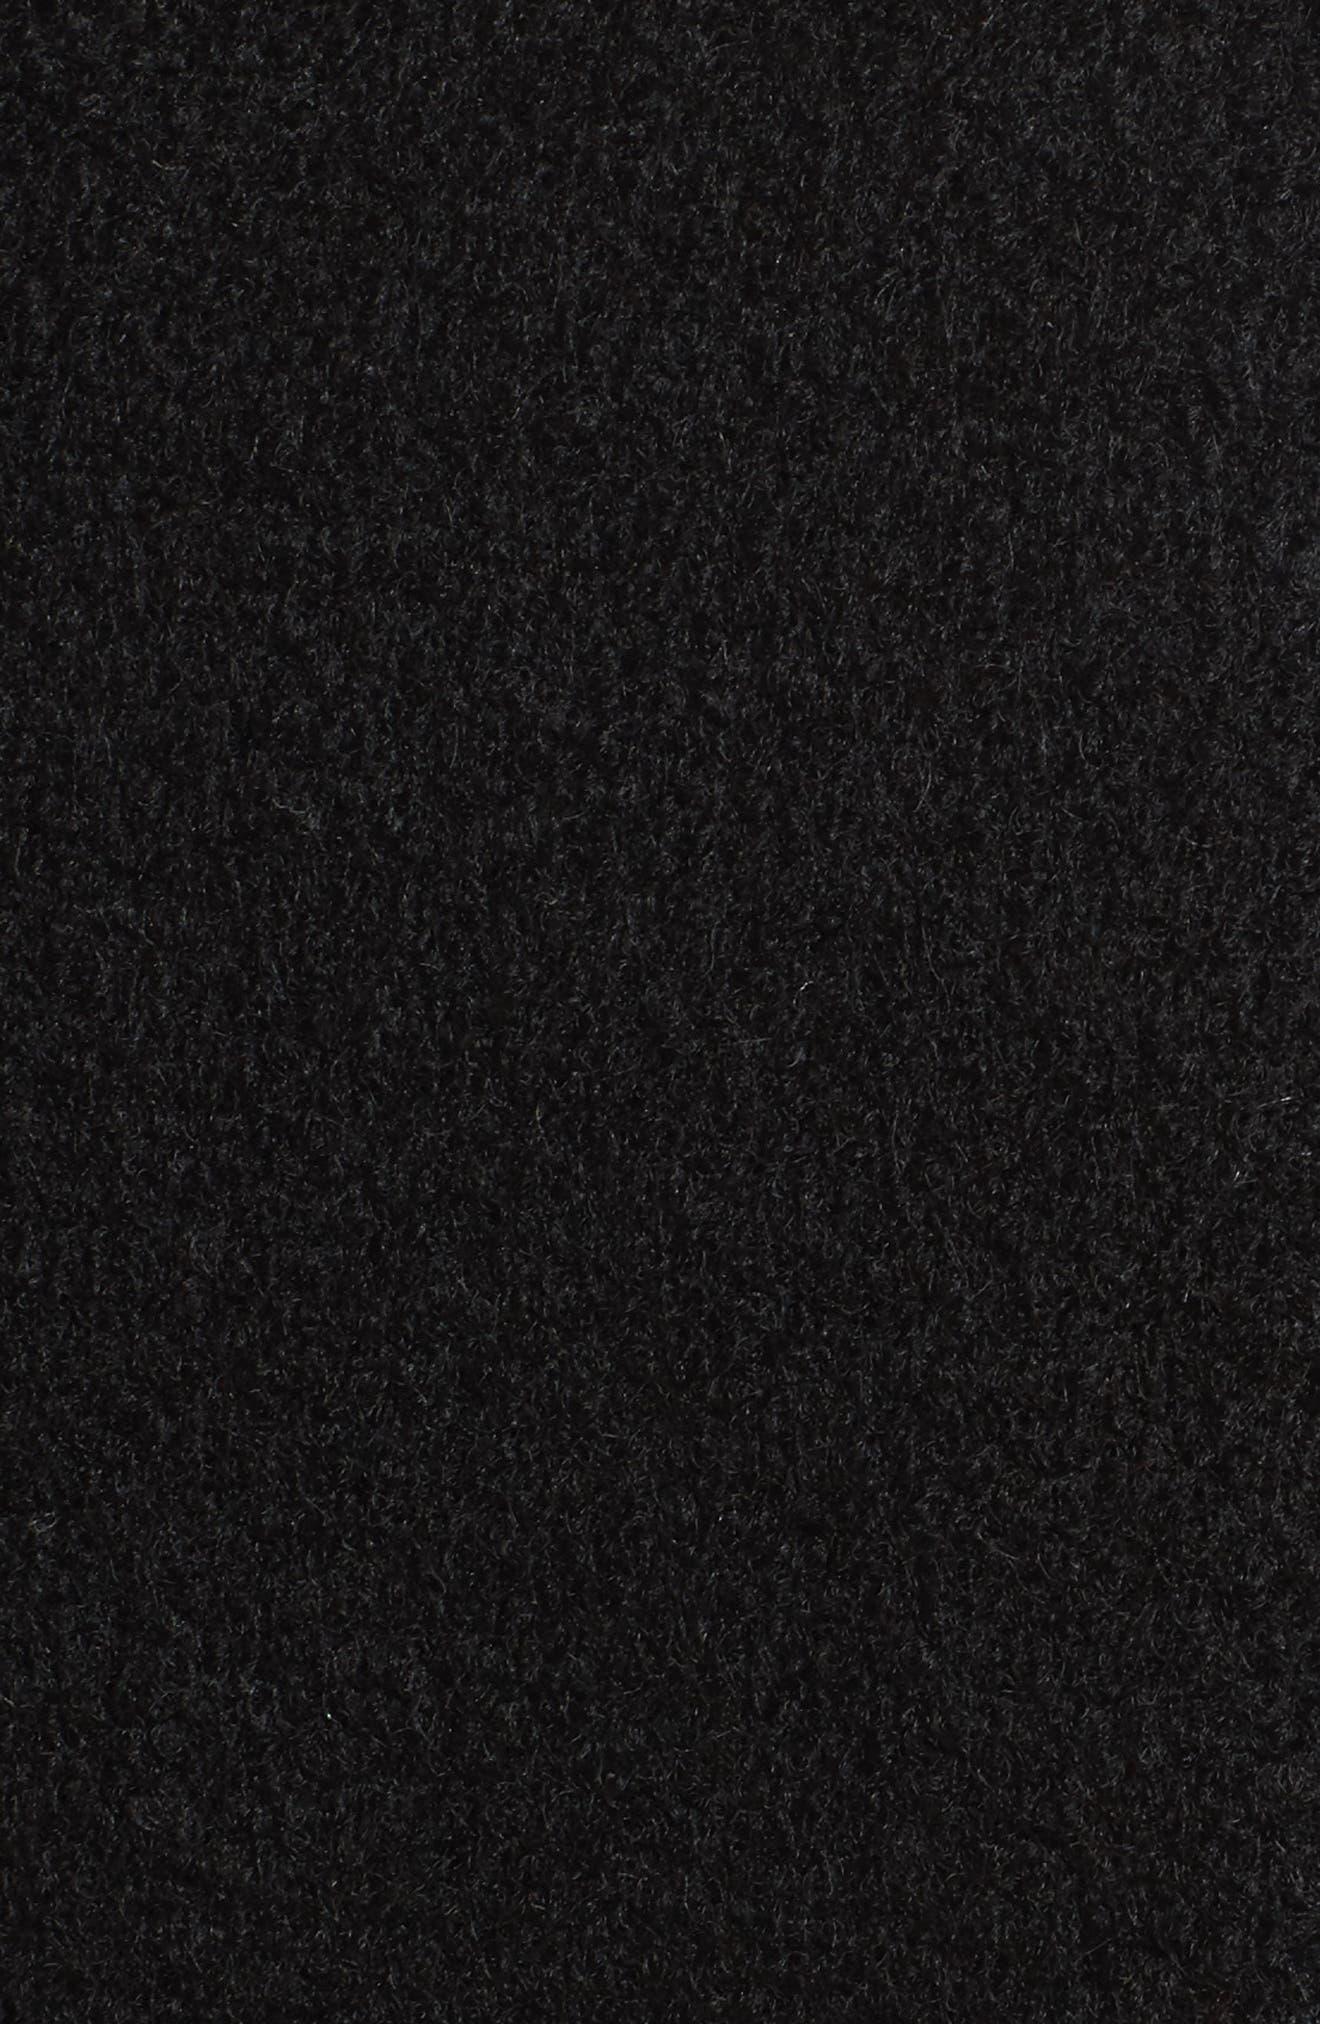 Belted Boiled Wool Blend Coat,                             Alternate thumbnail 5, color,                             Black